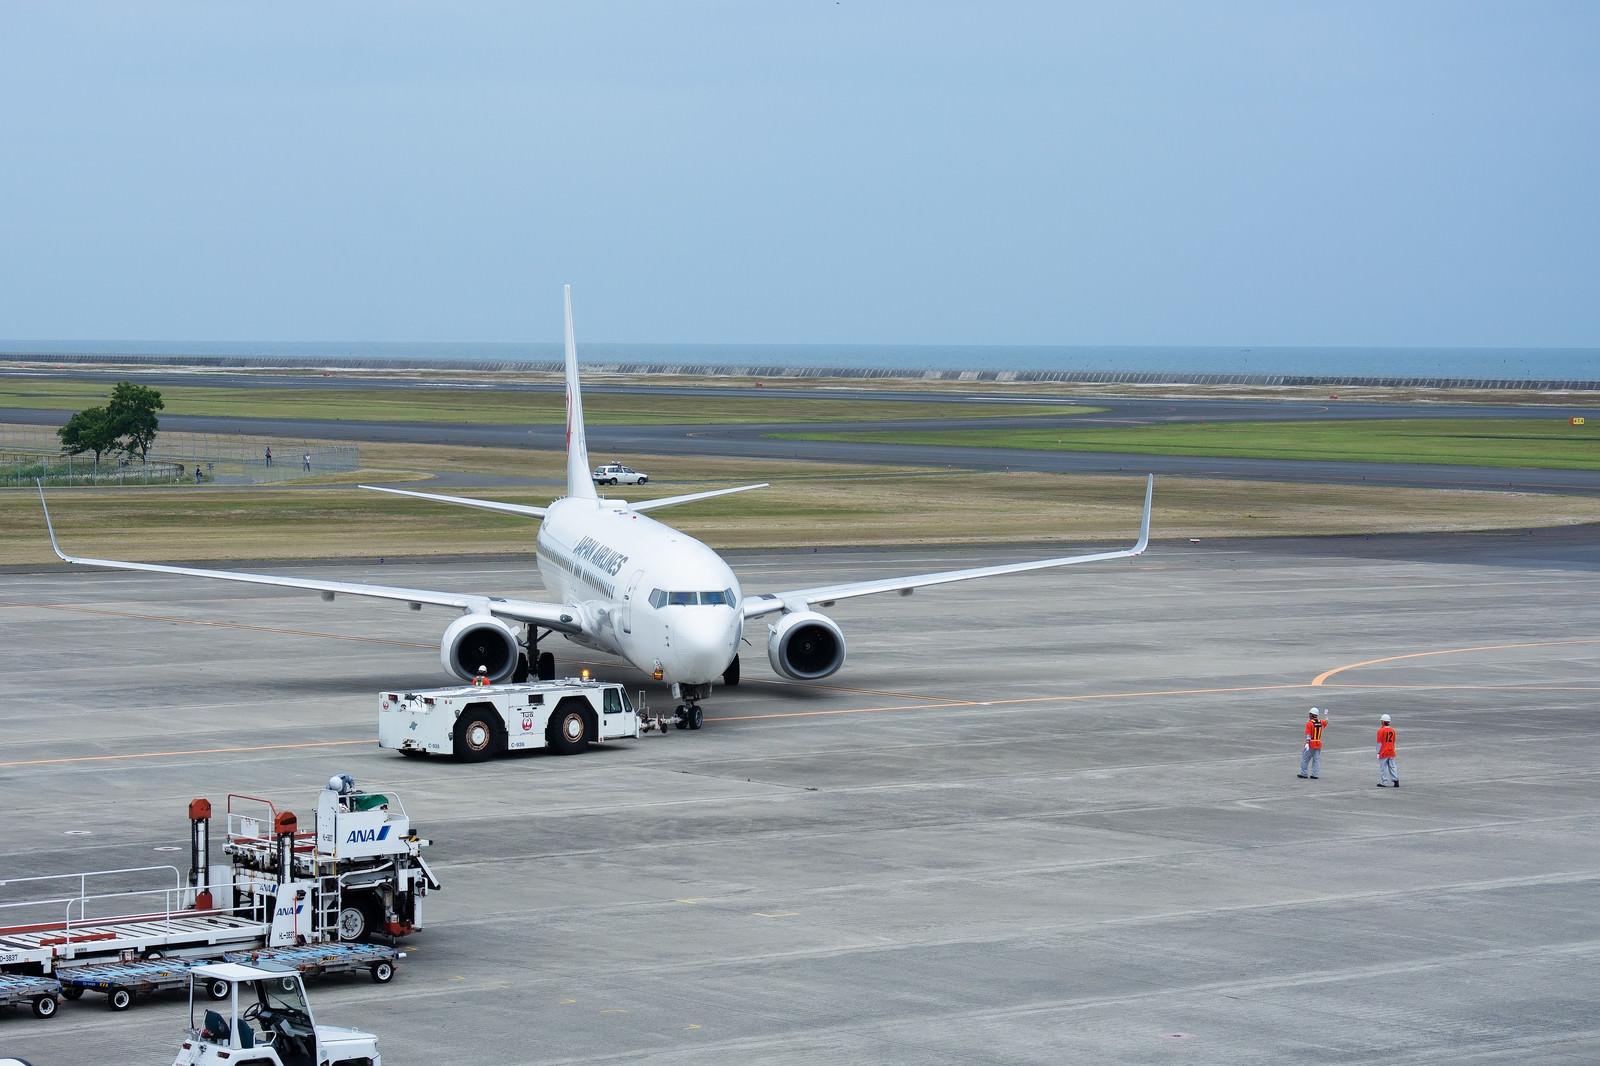 「駐機場を離れプッシュバックされる飛行機と誘導するグランドハンドラー(山口宇部空港)」の写真